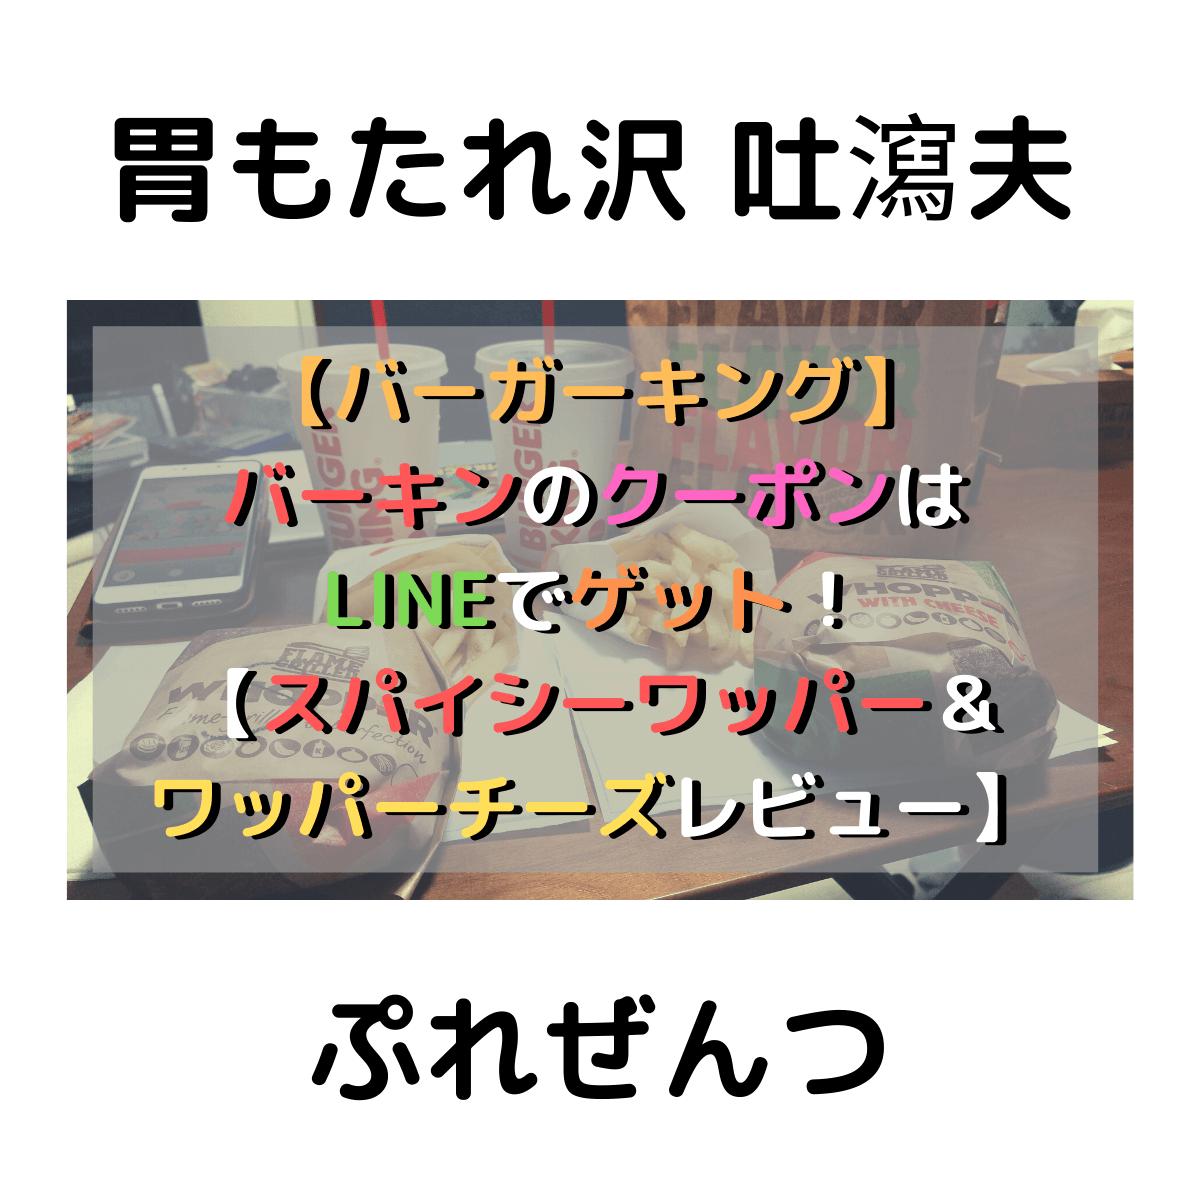 f:id:tosakax:20191215172310p:plain